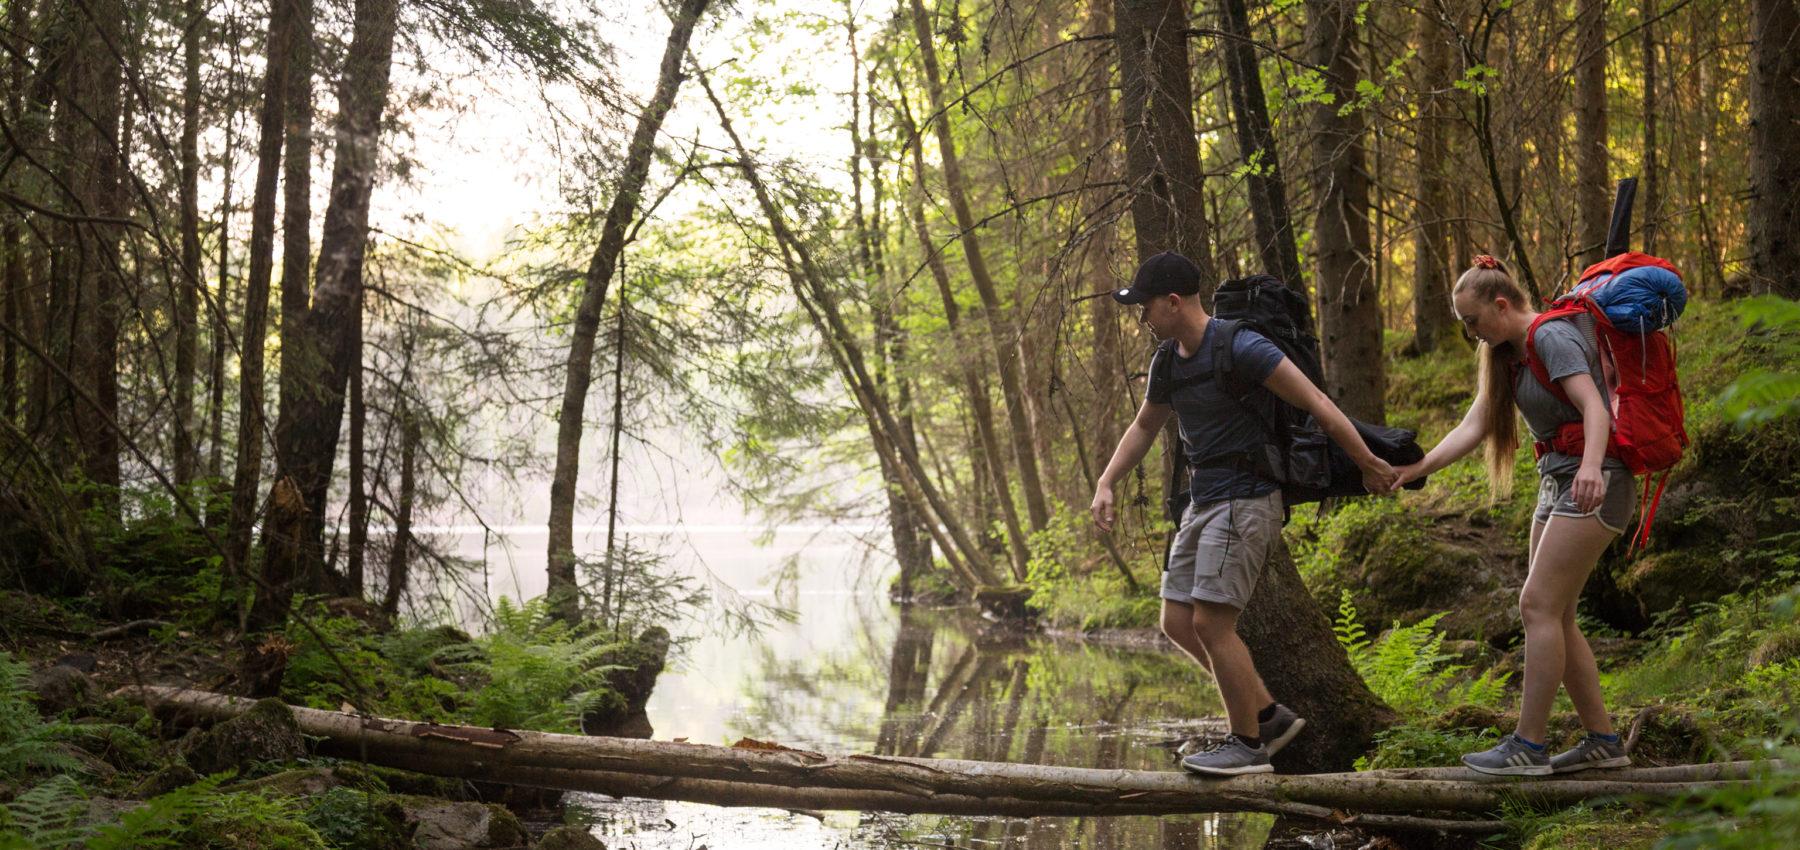 En gutt og en jente holder hender og går over en smal plankebro over en elv.